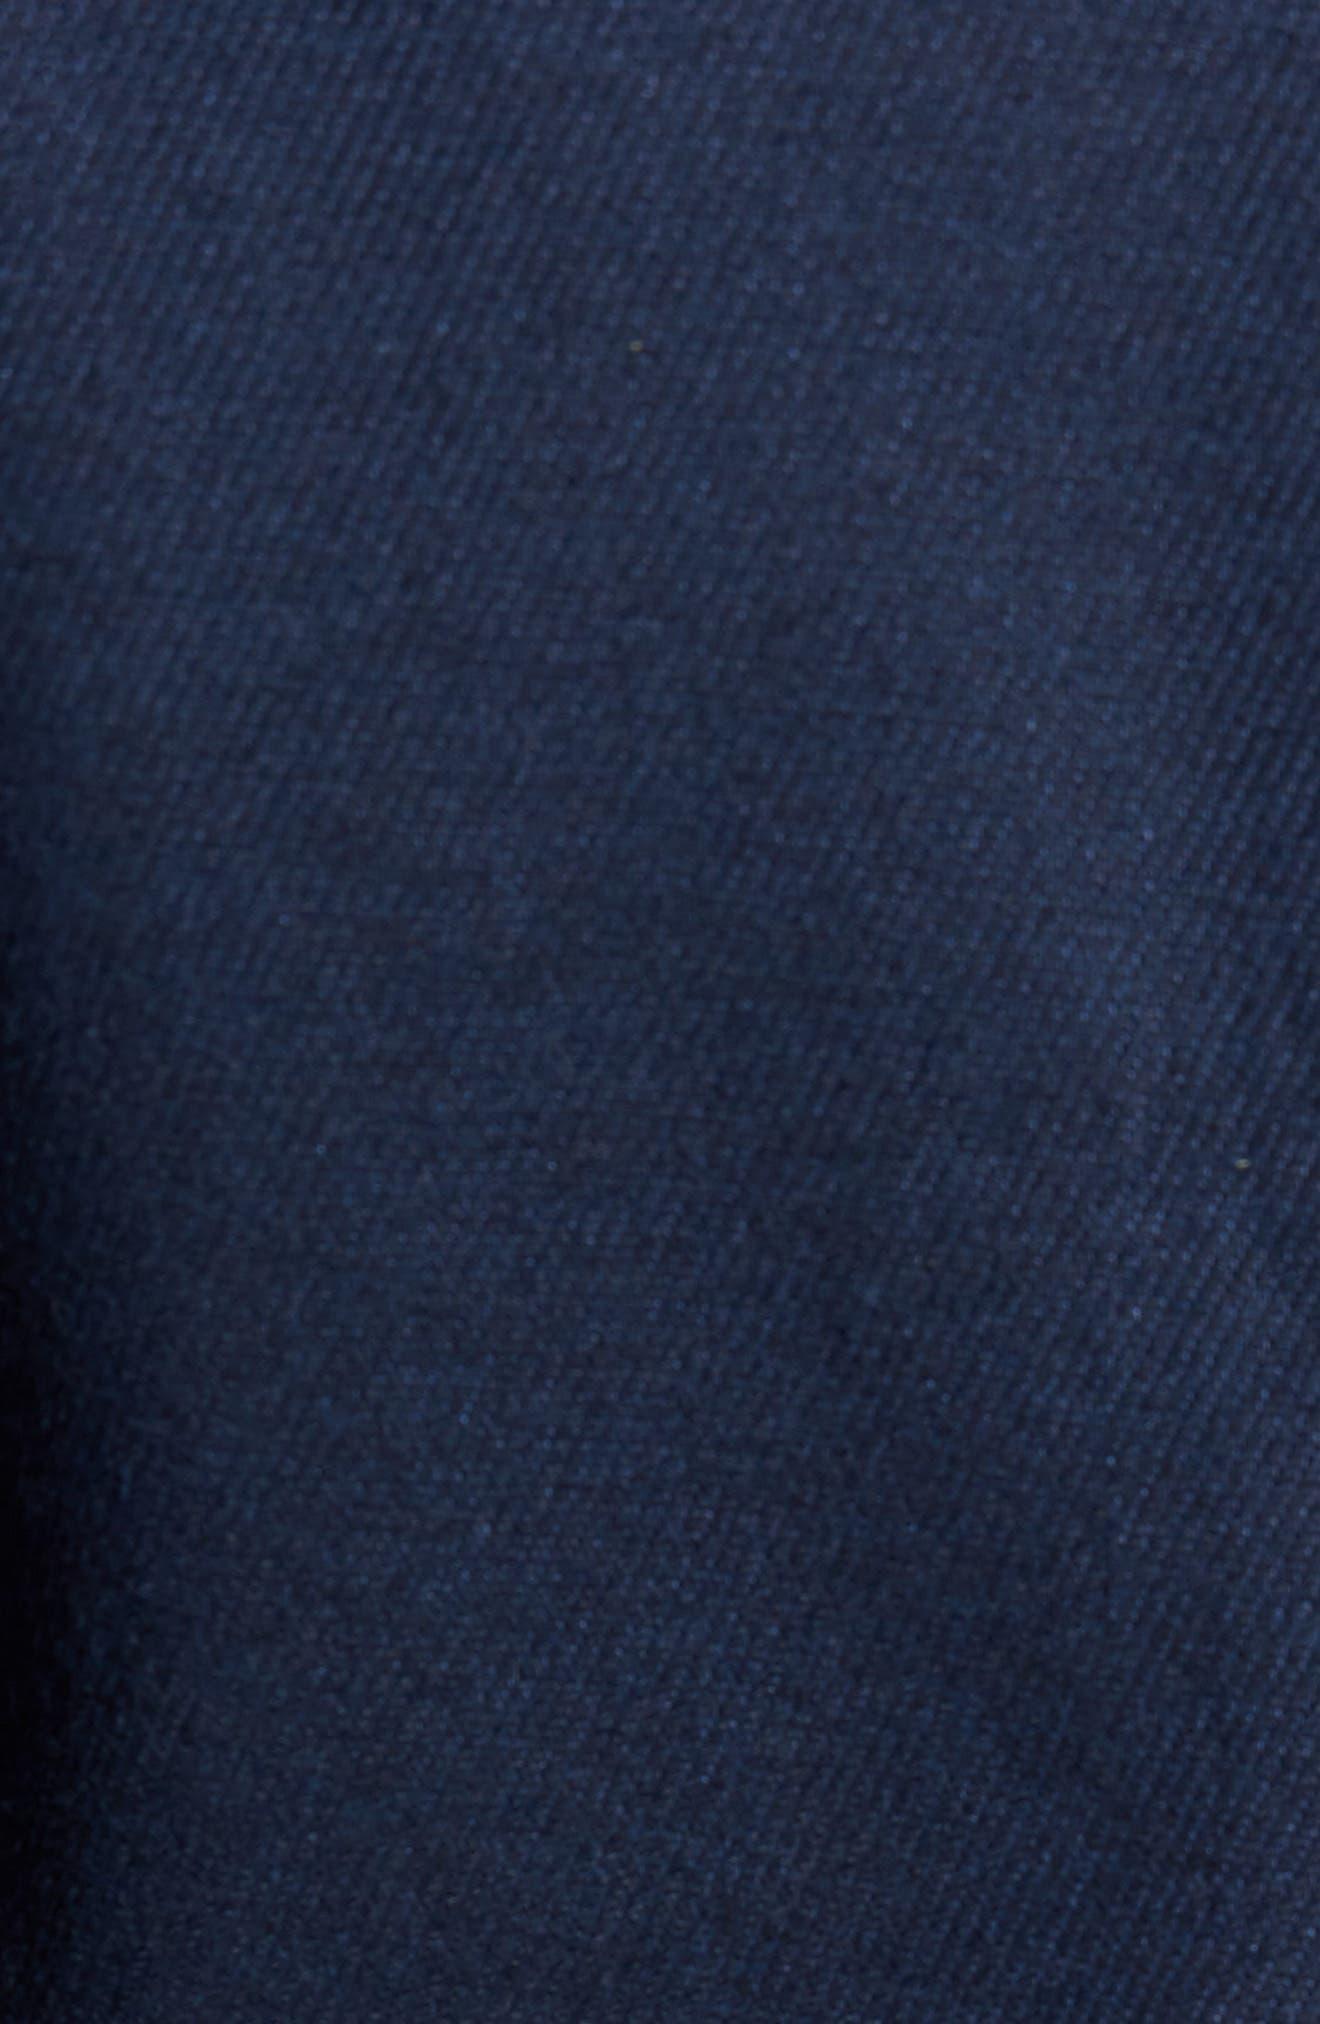 Hines Trim Fit Linen Blend Blazer,                             Alternate thumbnail 6, color,                             410